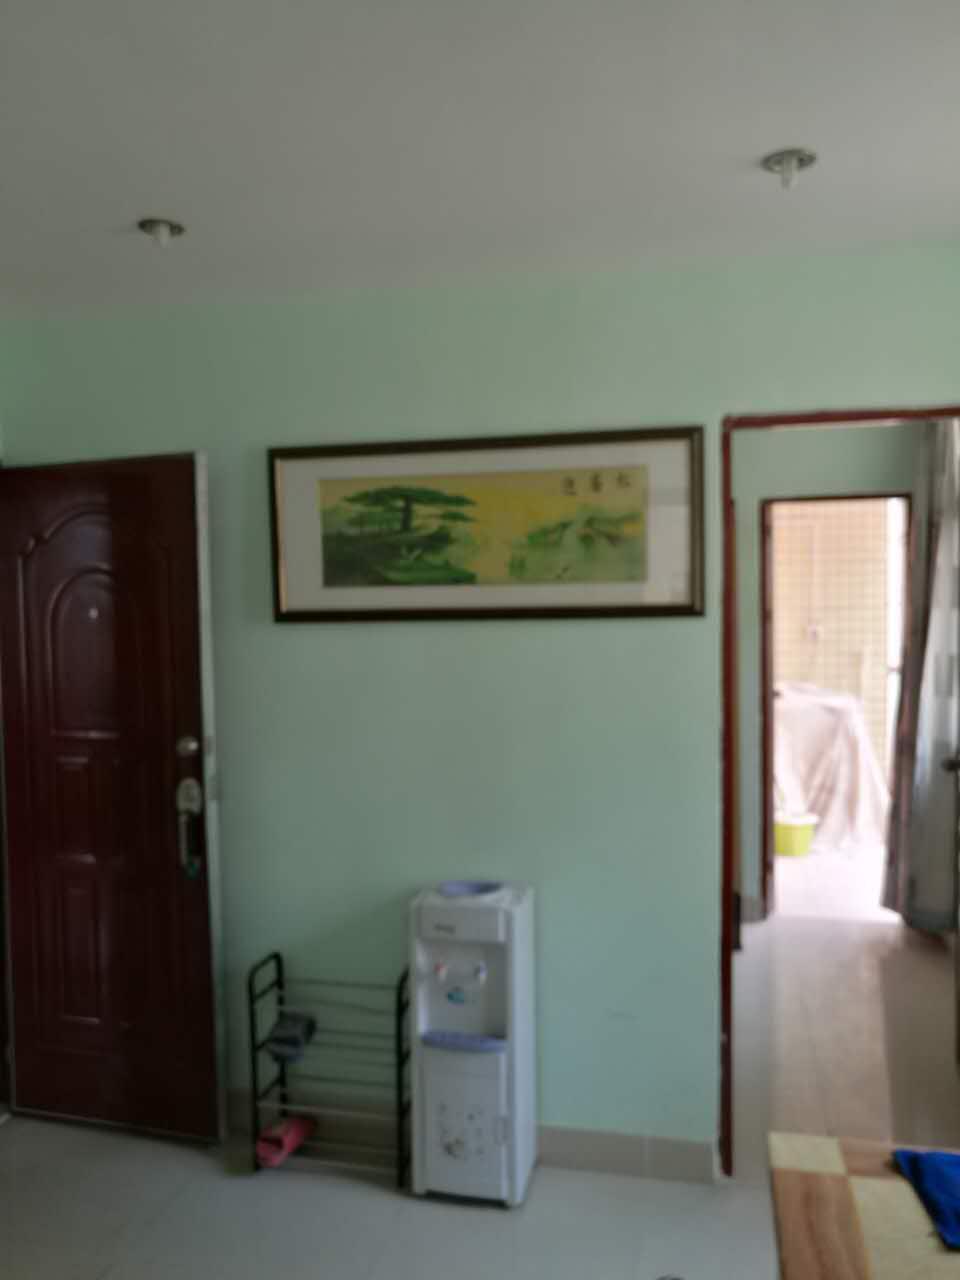 深圳小产权房单身公寓出售,公明上村全新装修 房地产 公寓 不动产 一房一厅 第9张